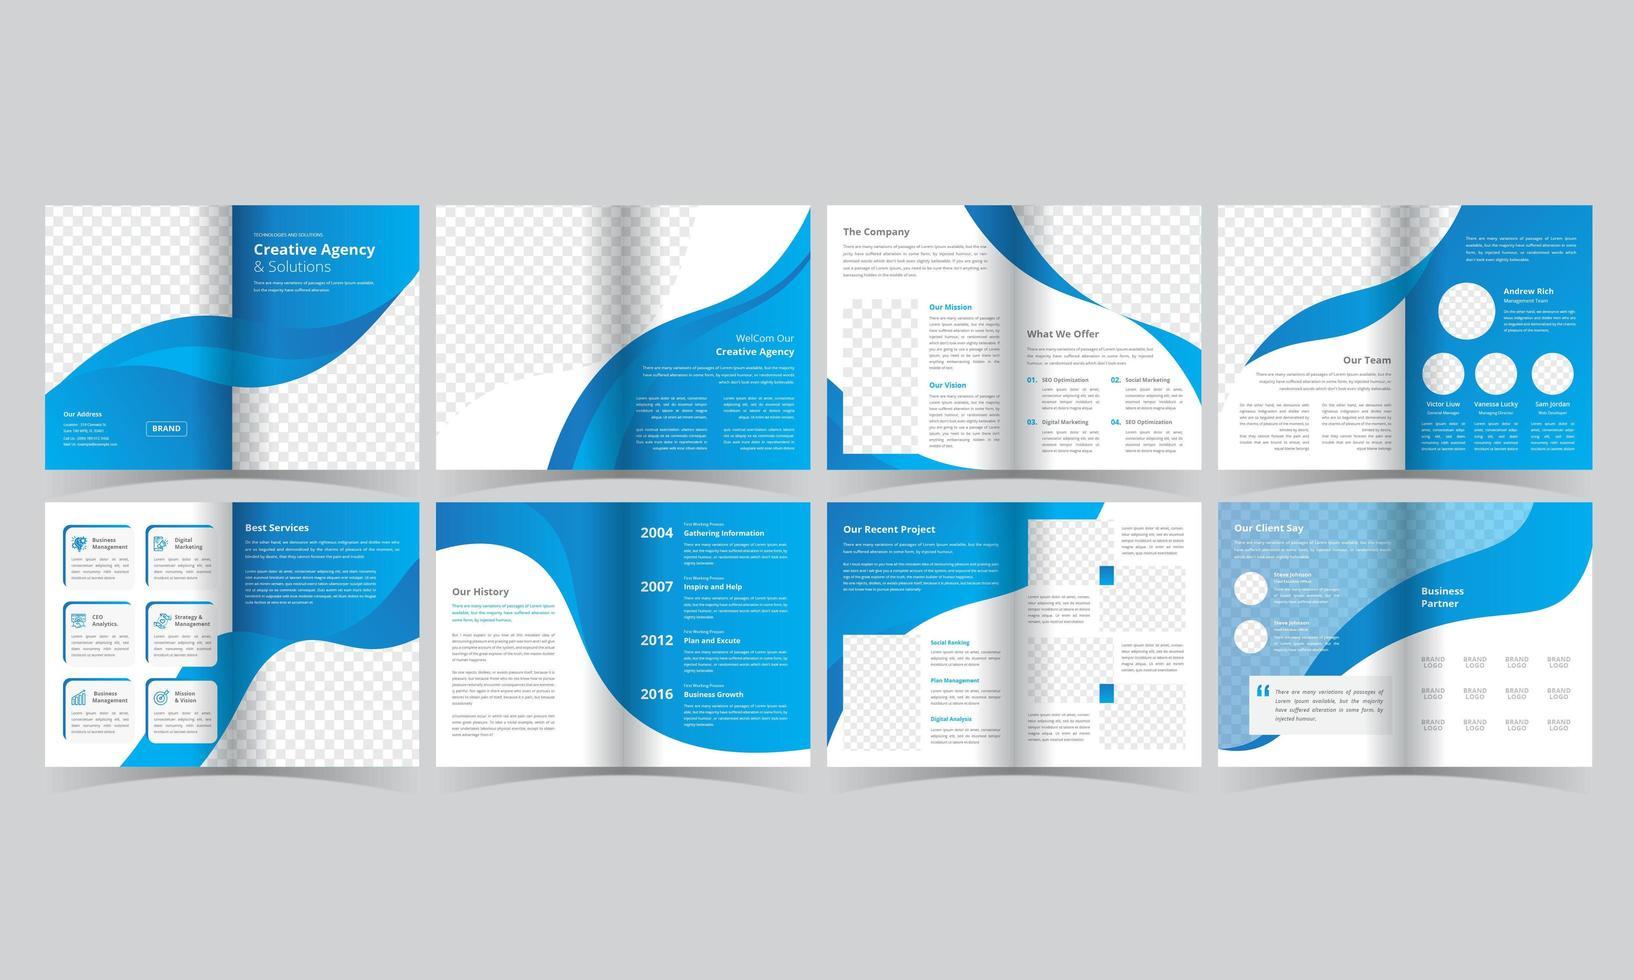 brochure blu e bianco con dettagli curvi vettore